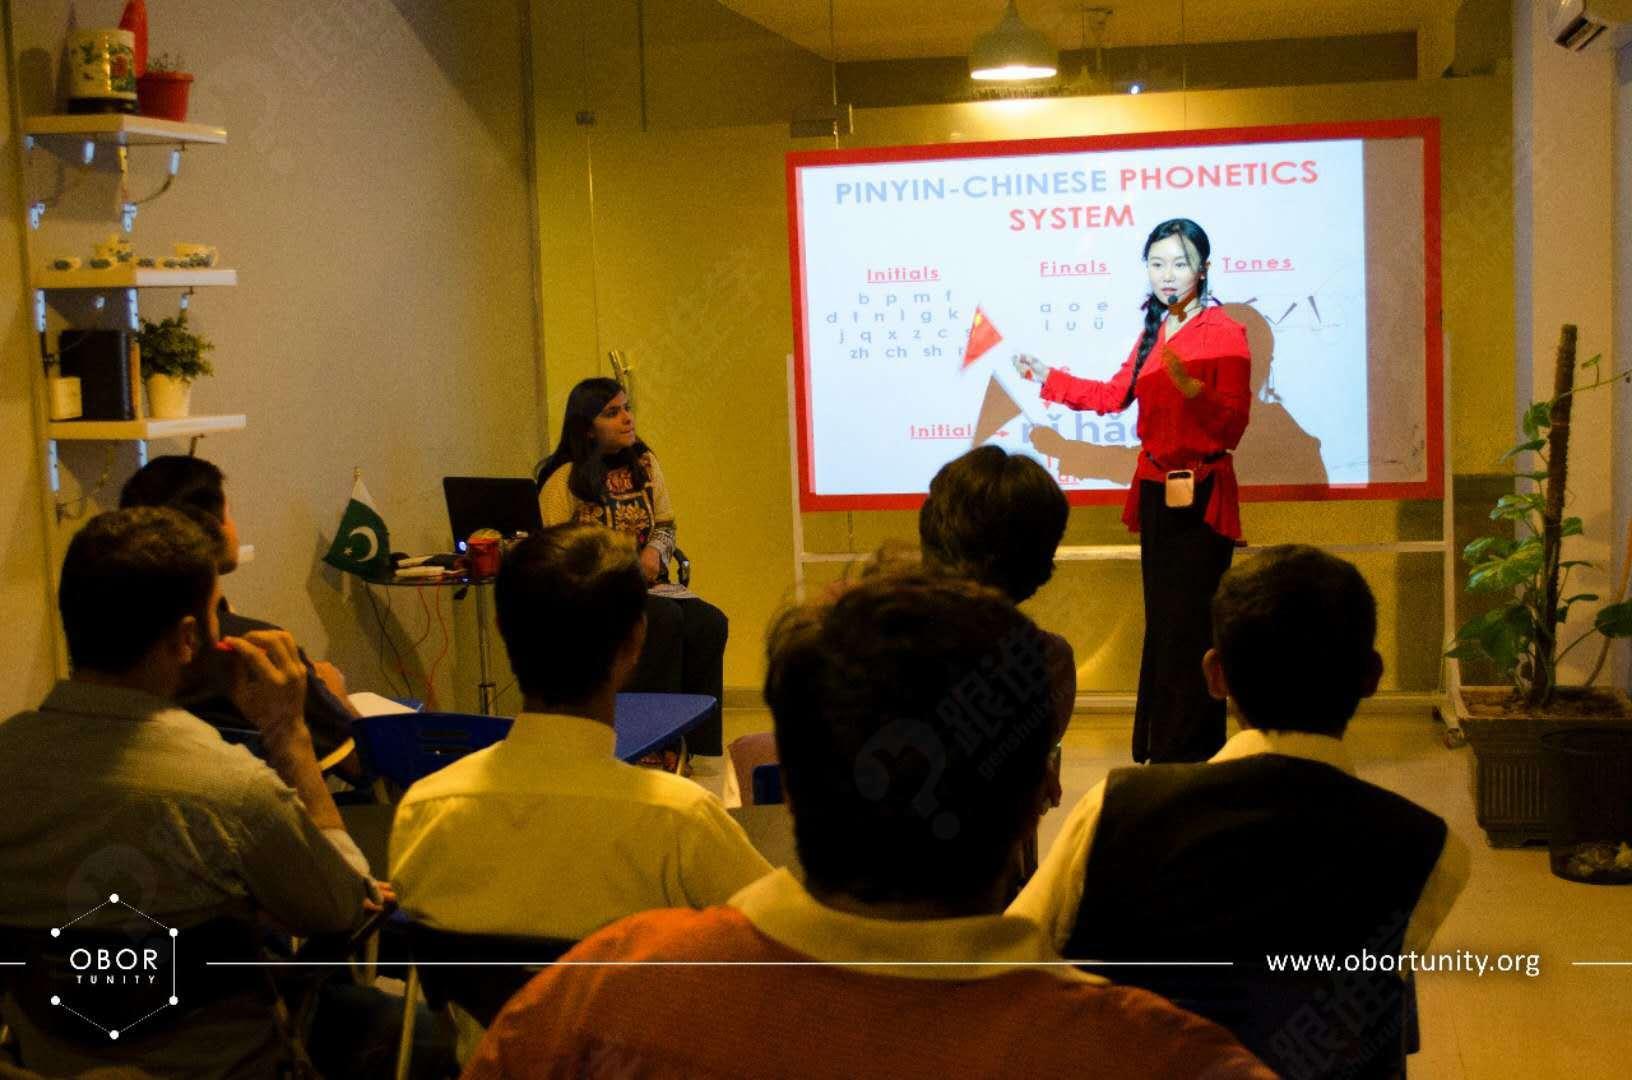 【巴基斯坦】中文老师  可实习 可兼职